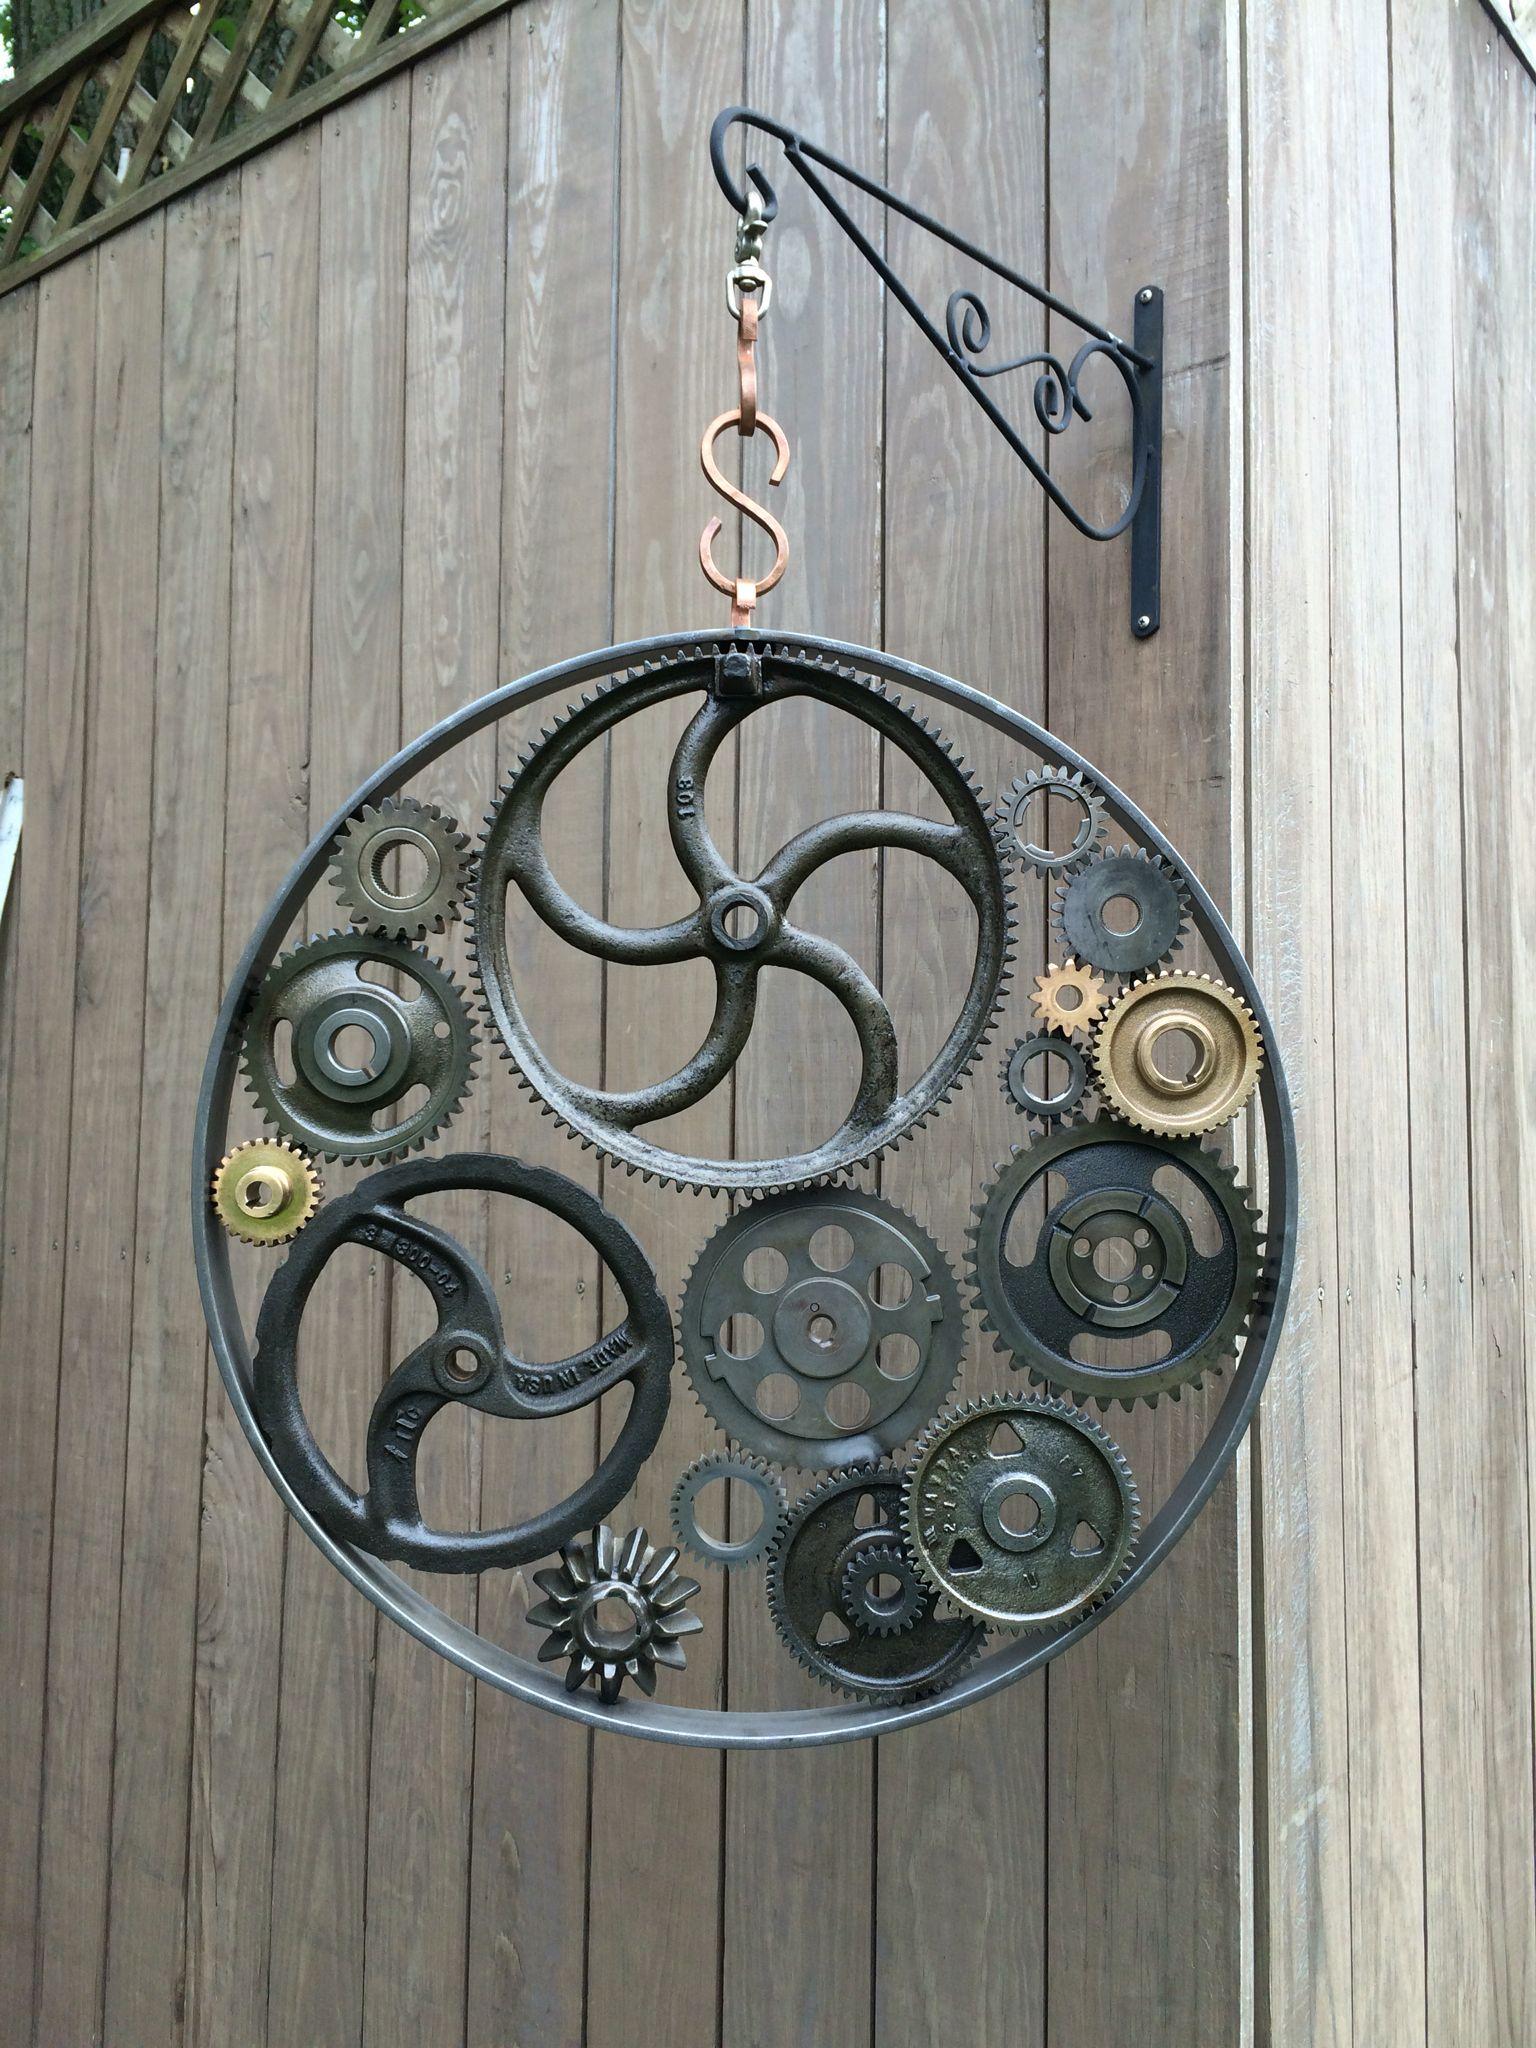 Machine Age ll Www.timothymhiggins.com   Scrap metal art ...